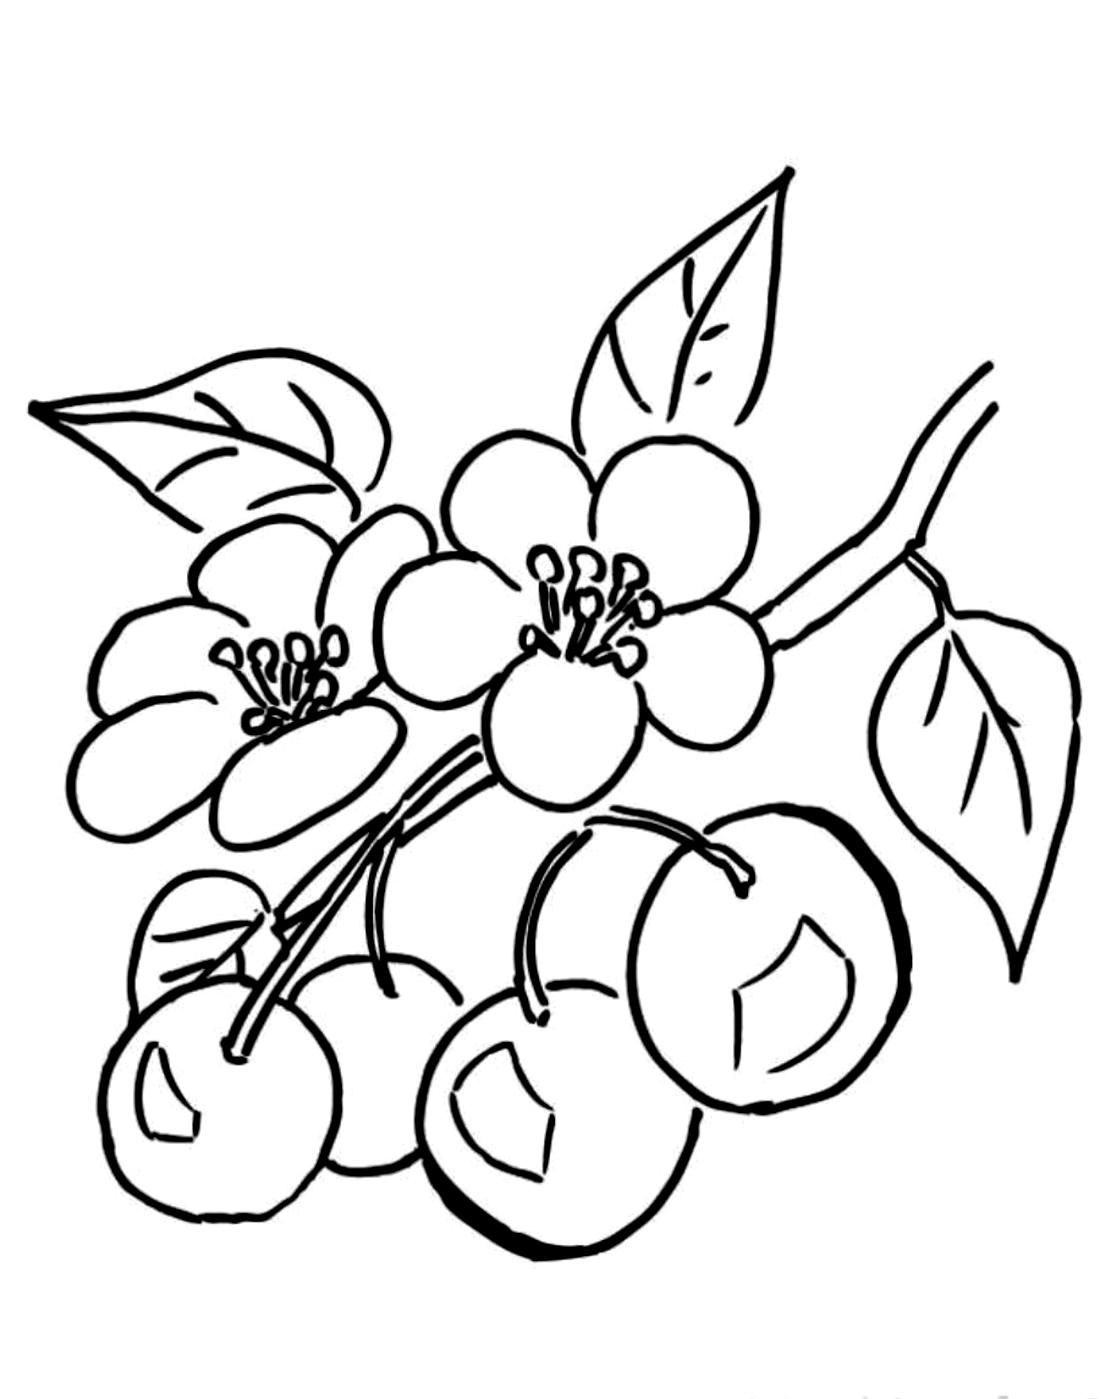 обусловлено яблоневый цвет картинка раскраска легкие, простые